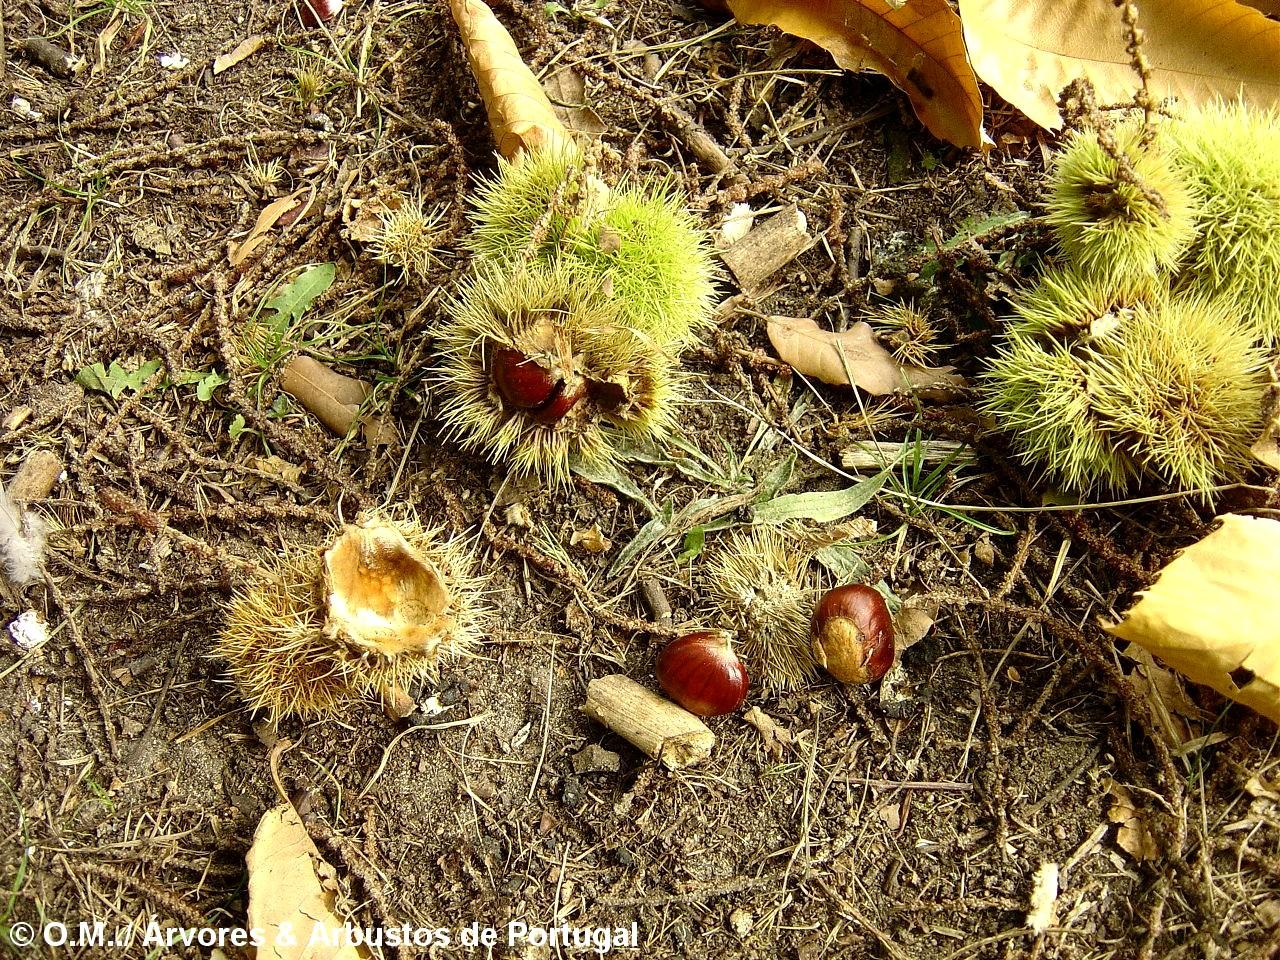 castanhas e ouriços do castanheiro - Castanea sativa